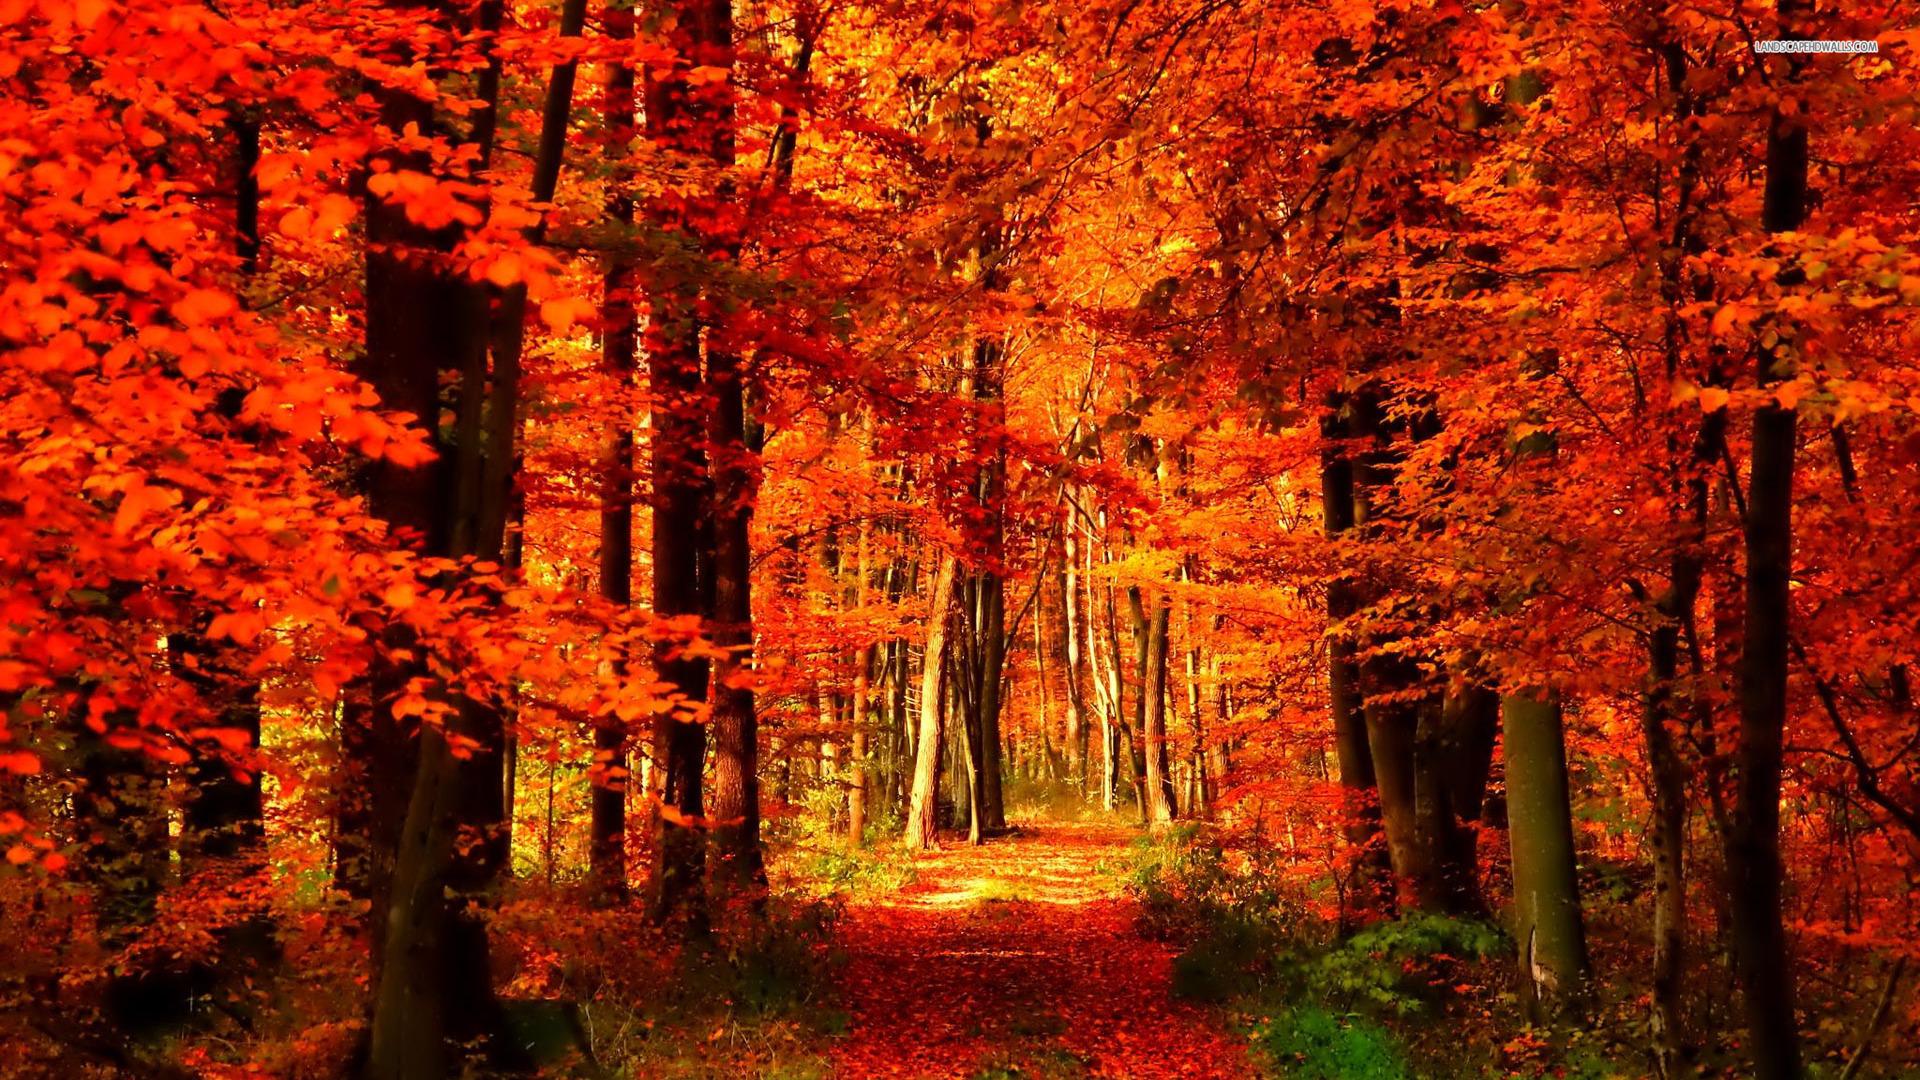 autumn season | The Hare Krishna Movement